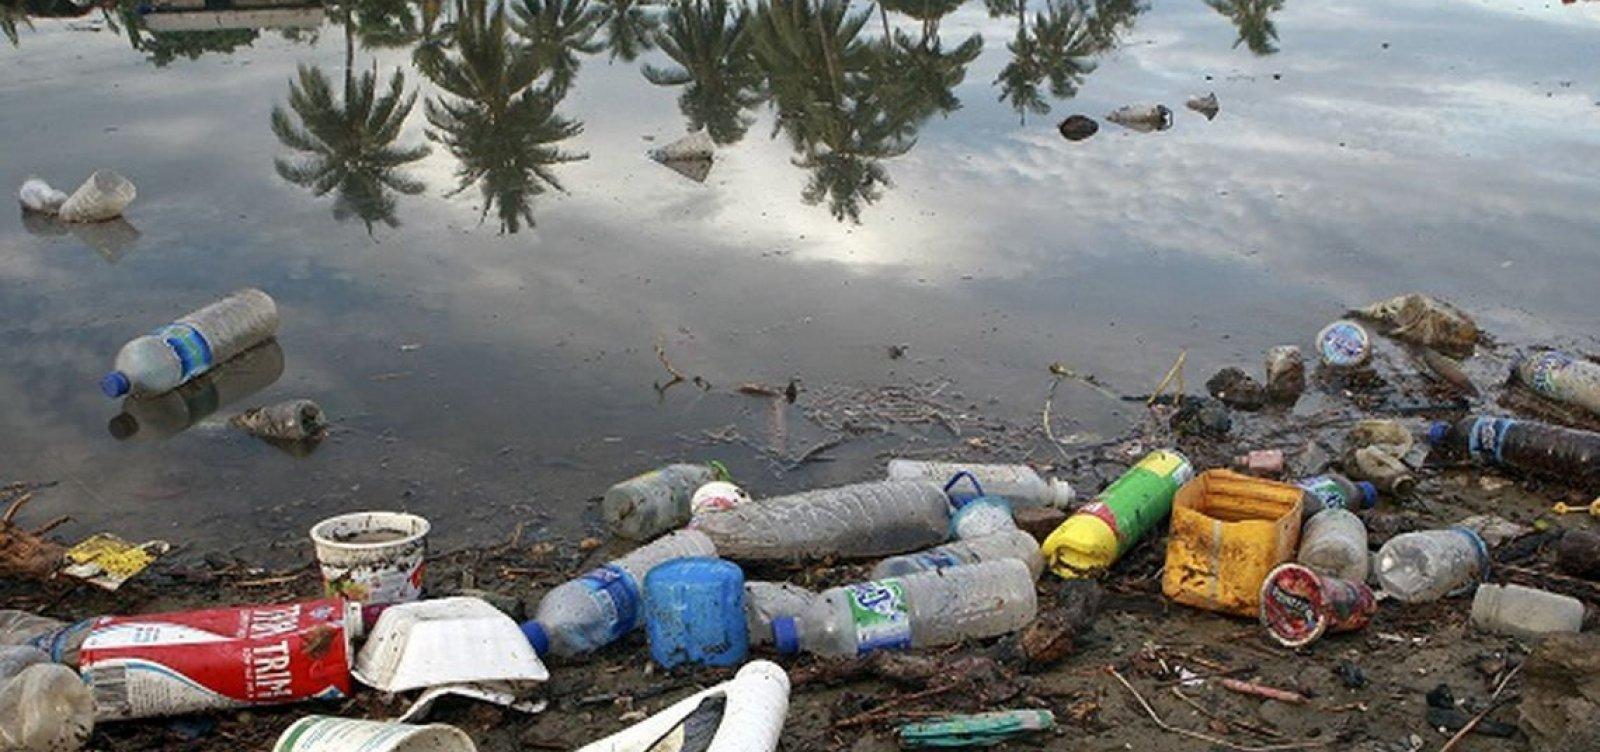 [Prefeitura de Buerarema é acionada por gerar lixão a céu aberto próximo a rio]